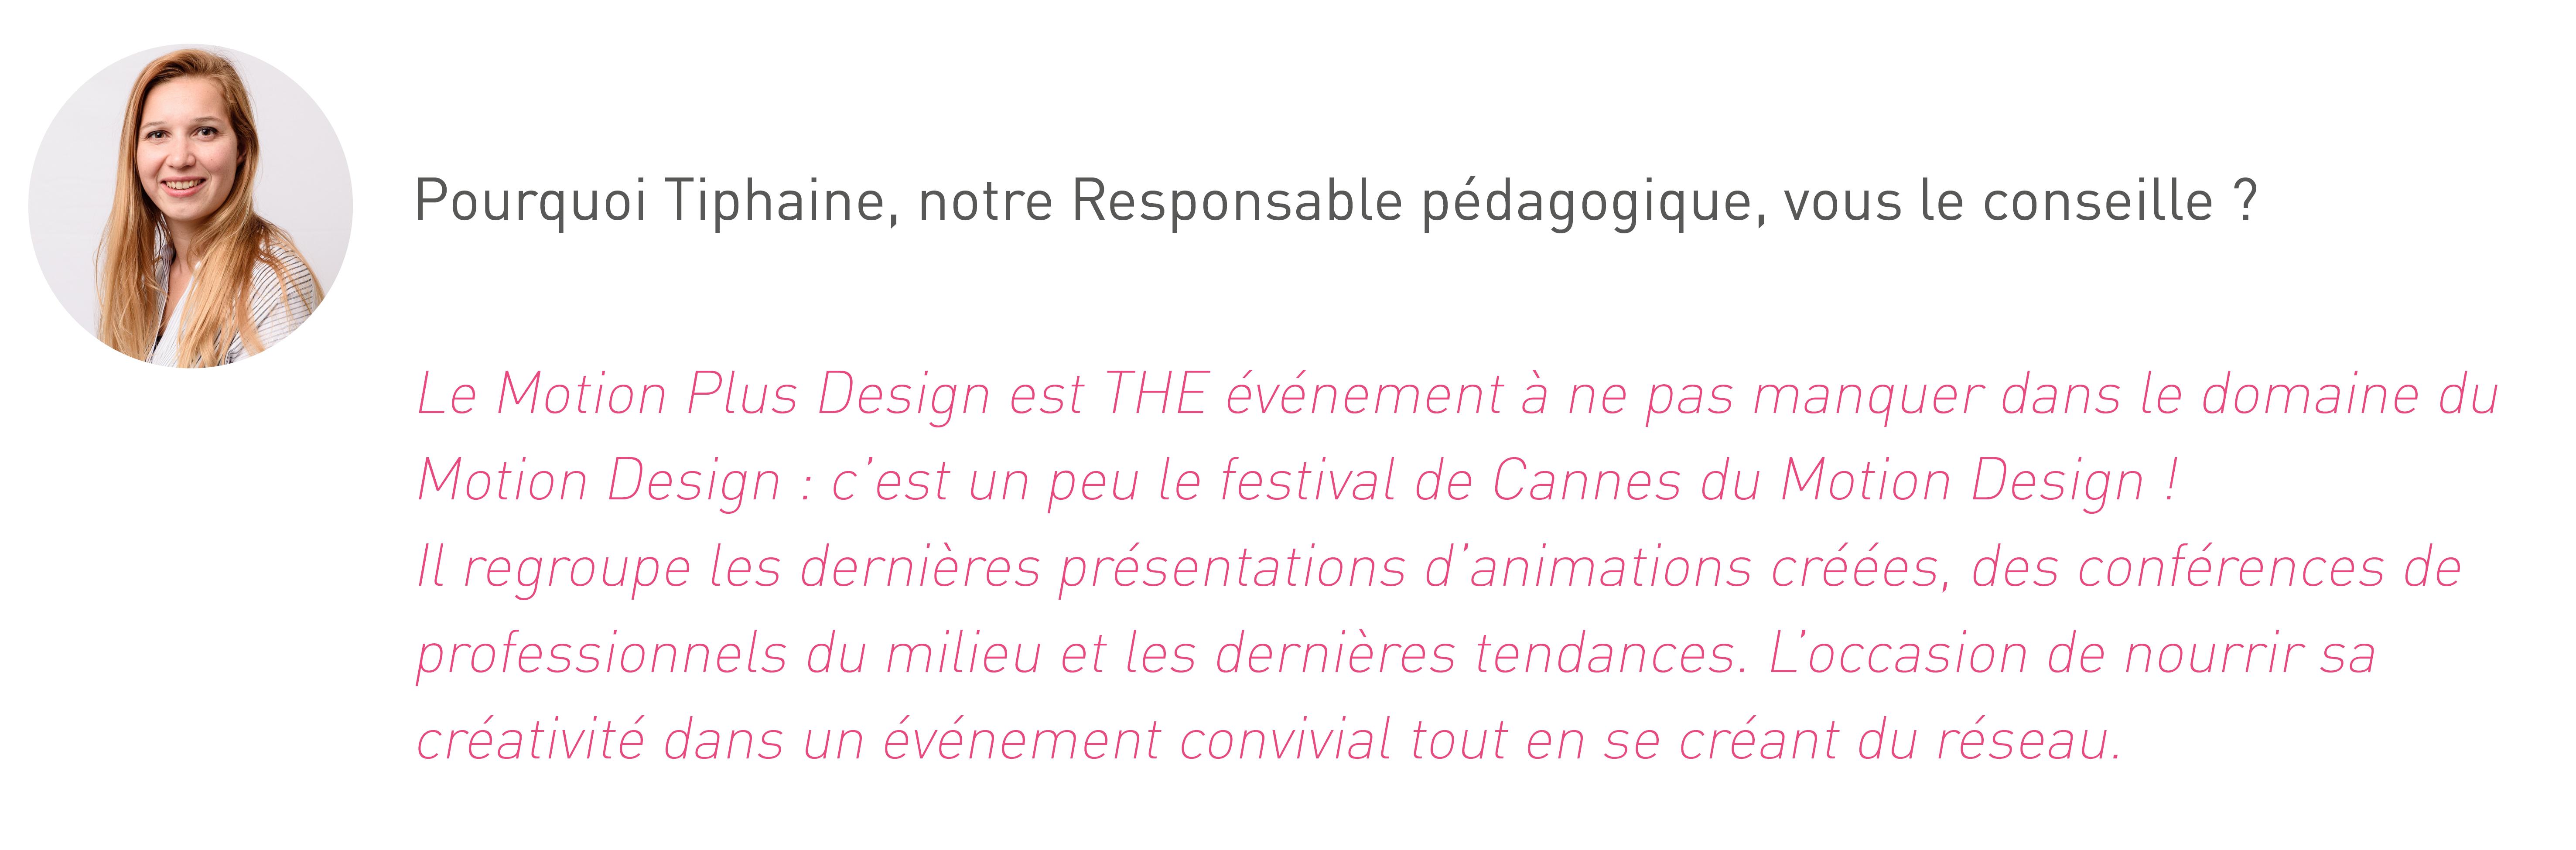 Le conseil de Tiphaine, responsable pédagogique du cursus Design Graphique à L'institut Artline